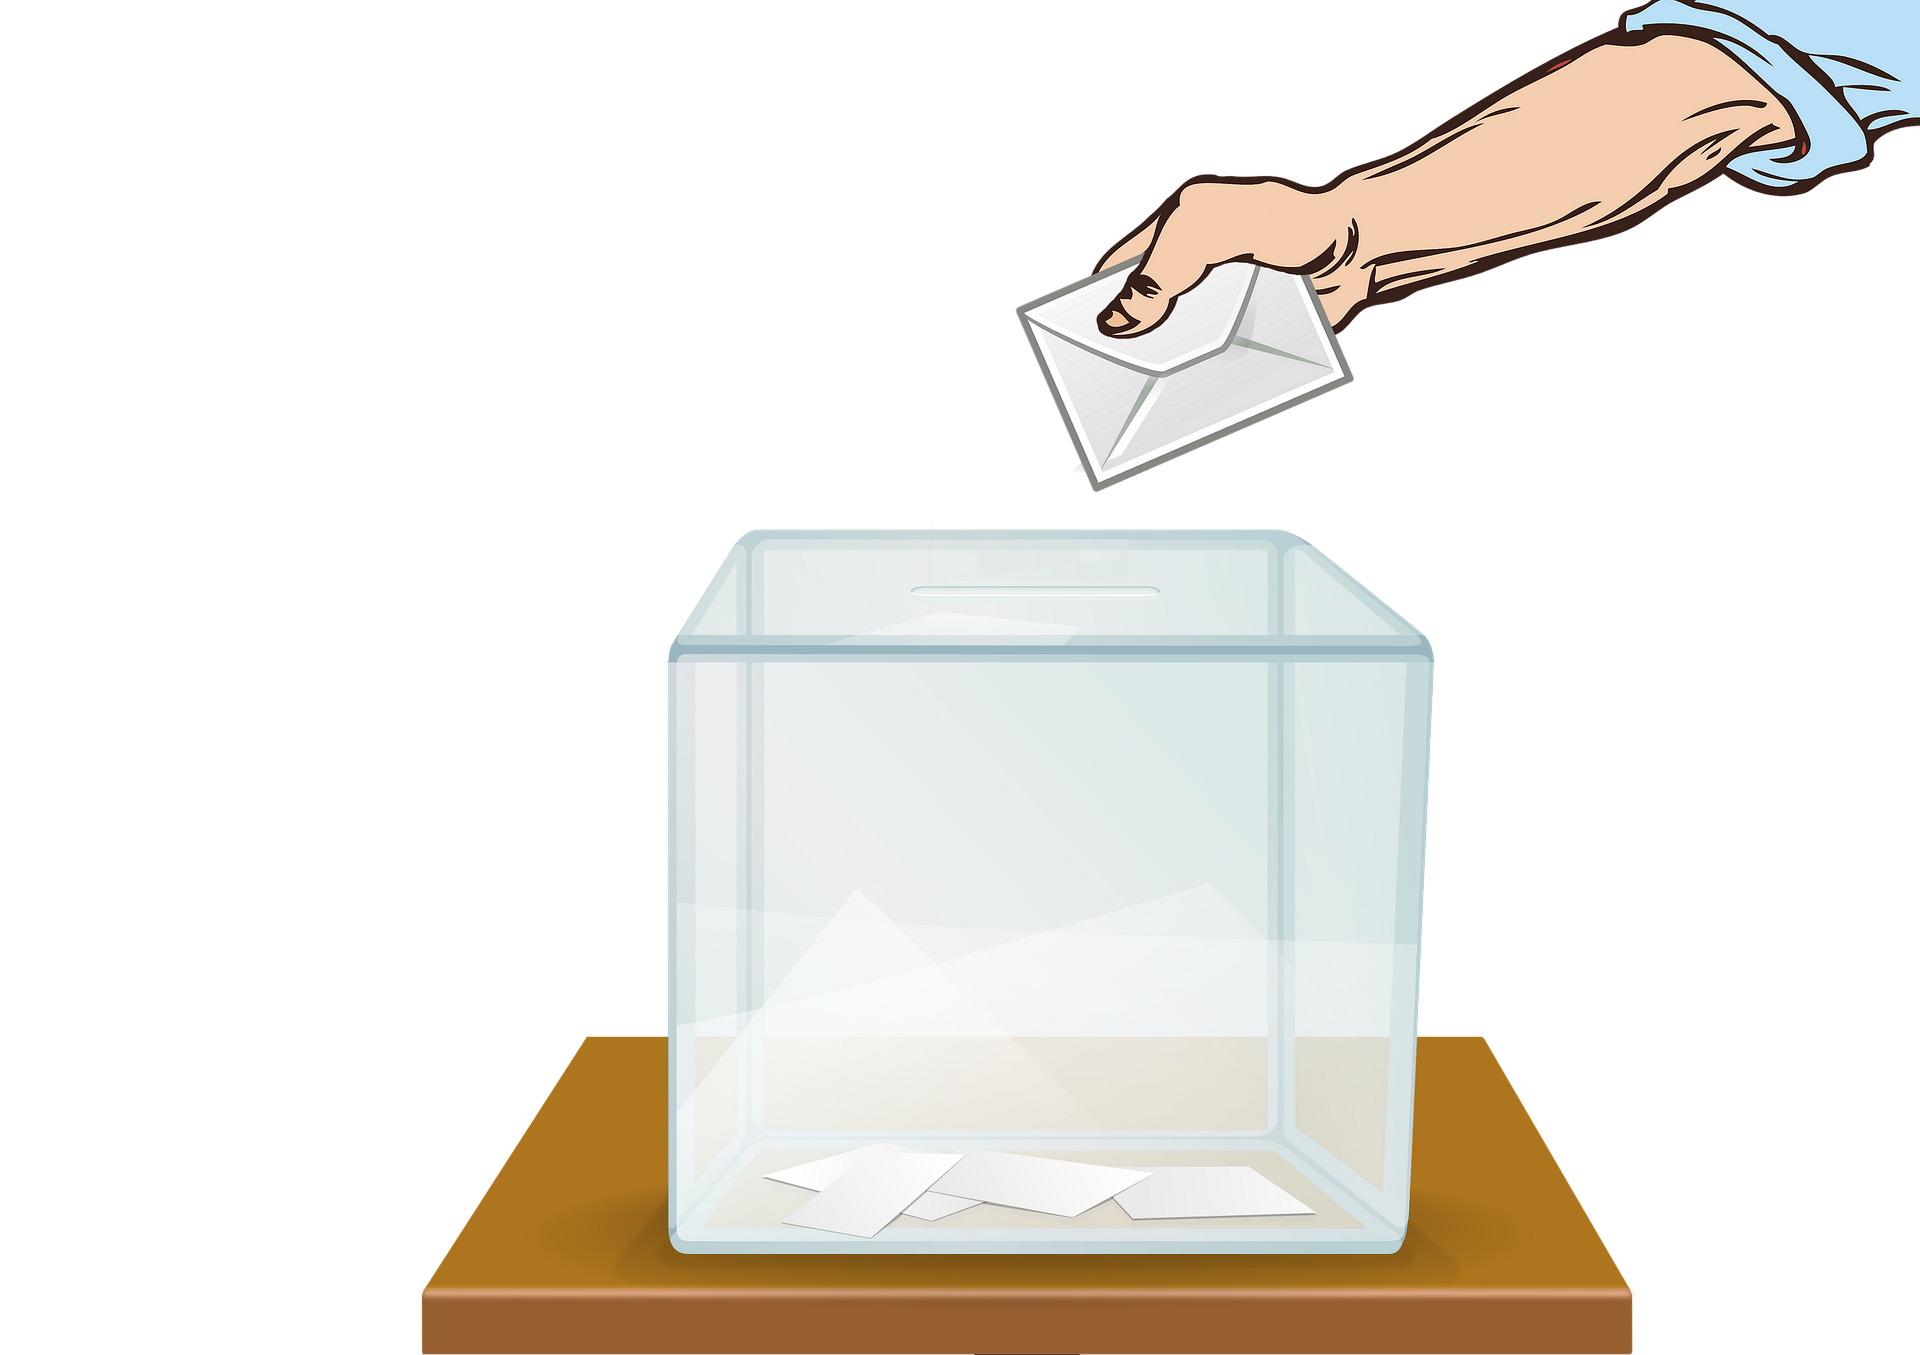 vote-4746510_1920.png